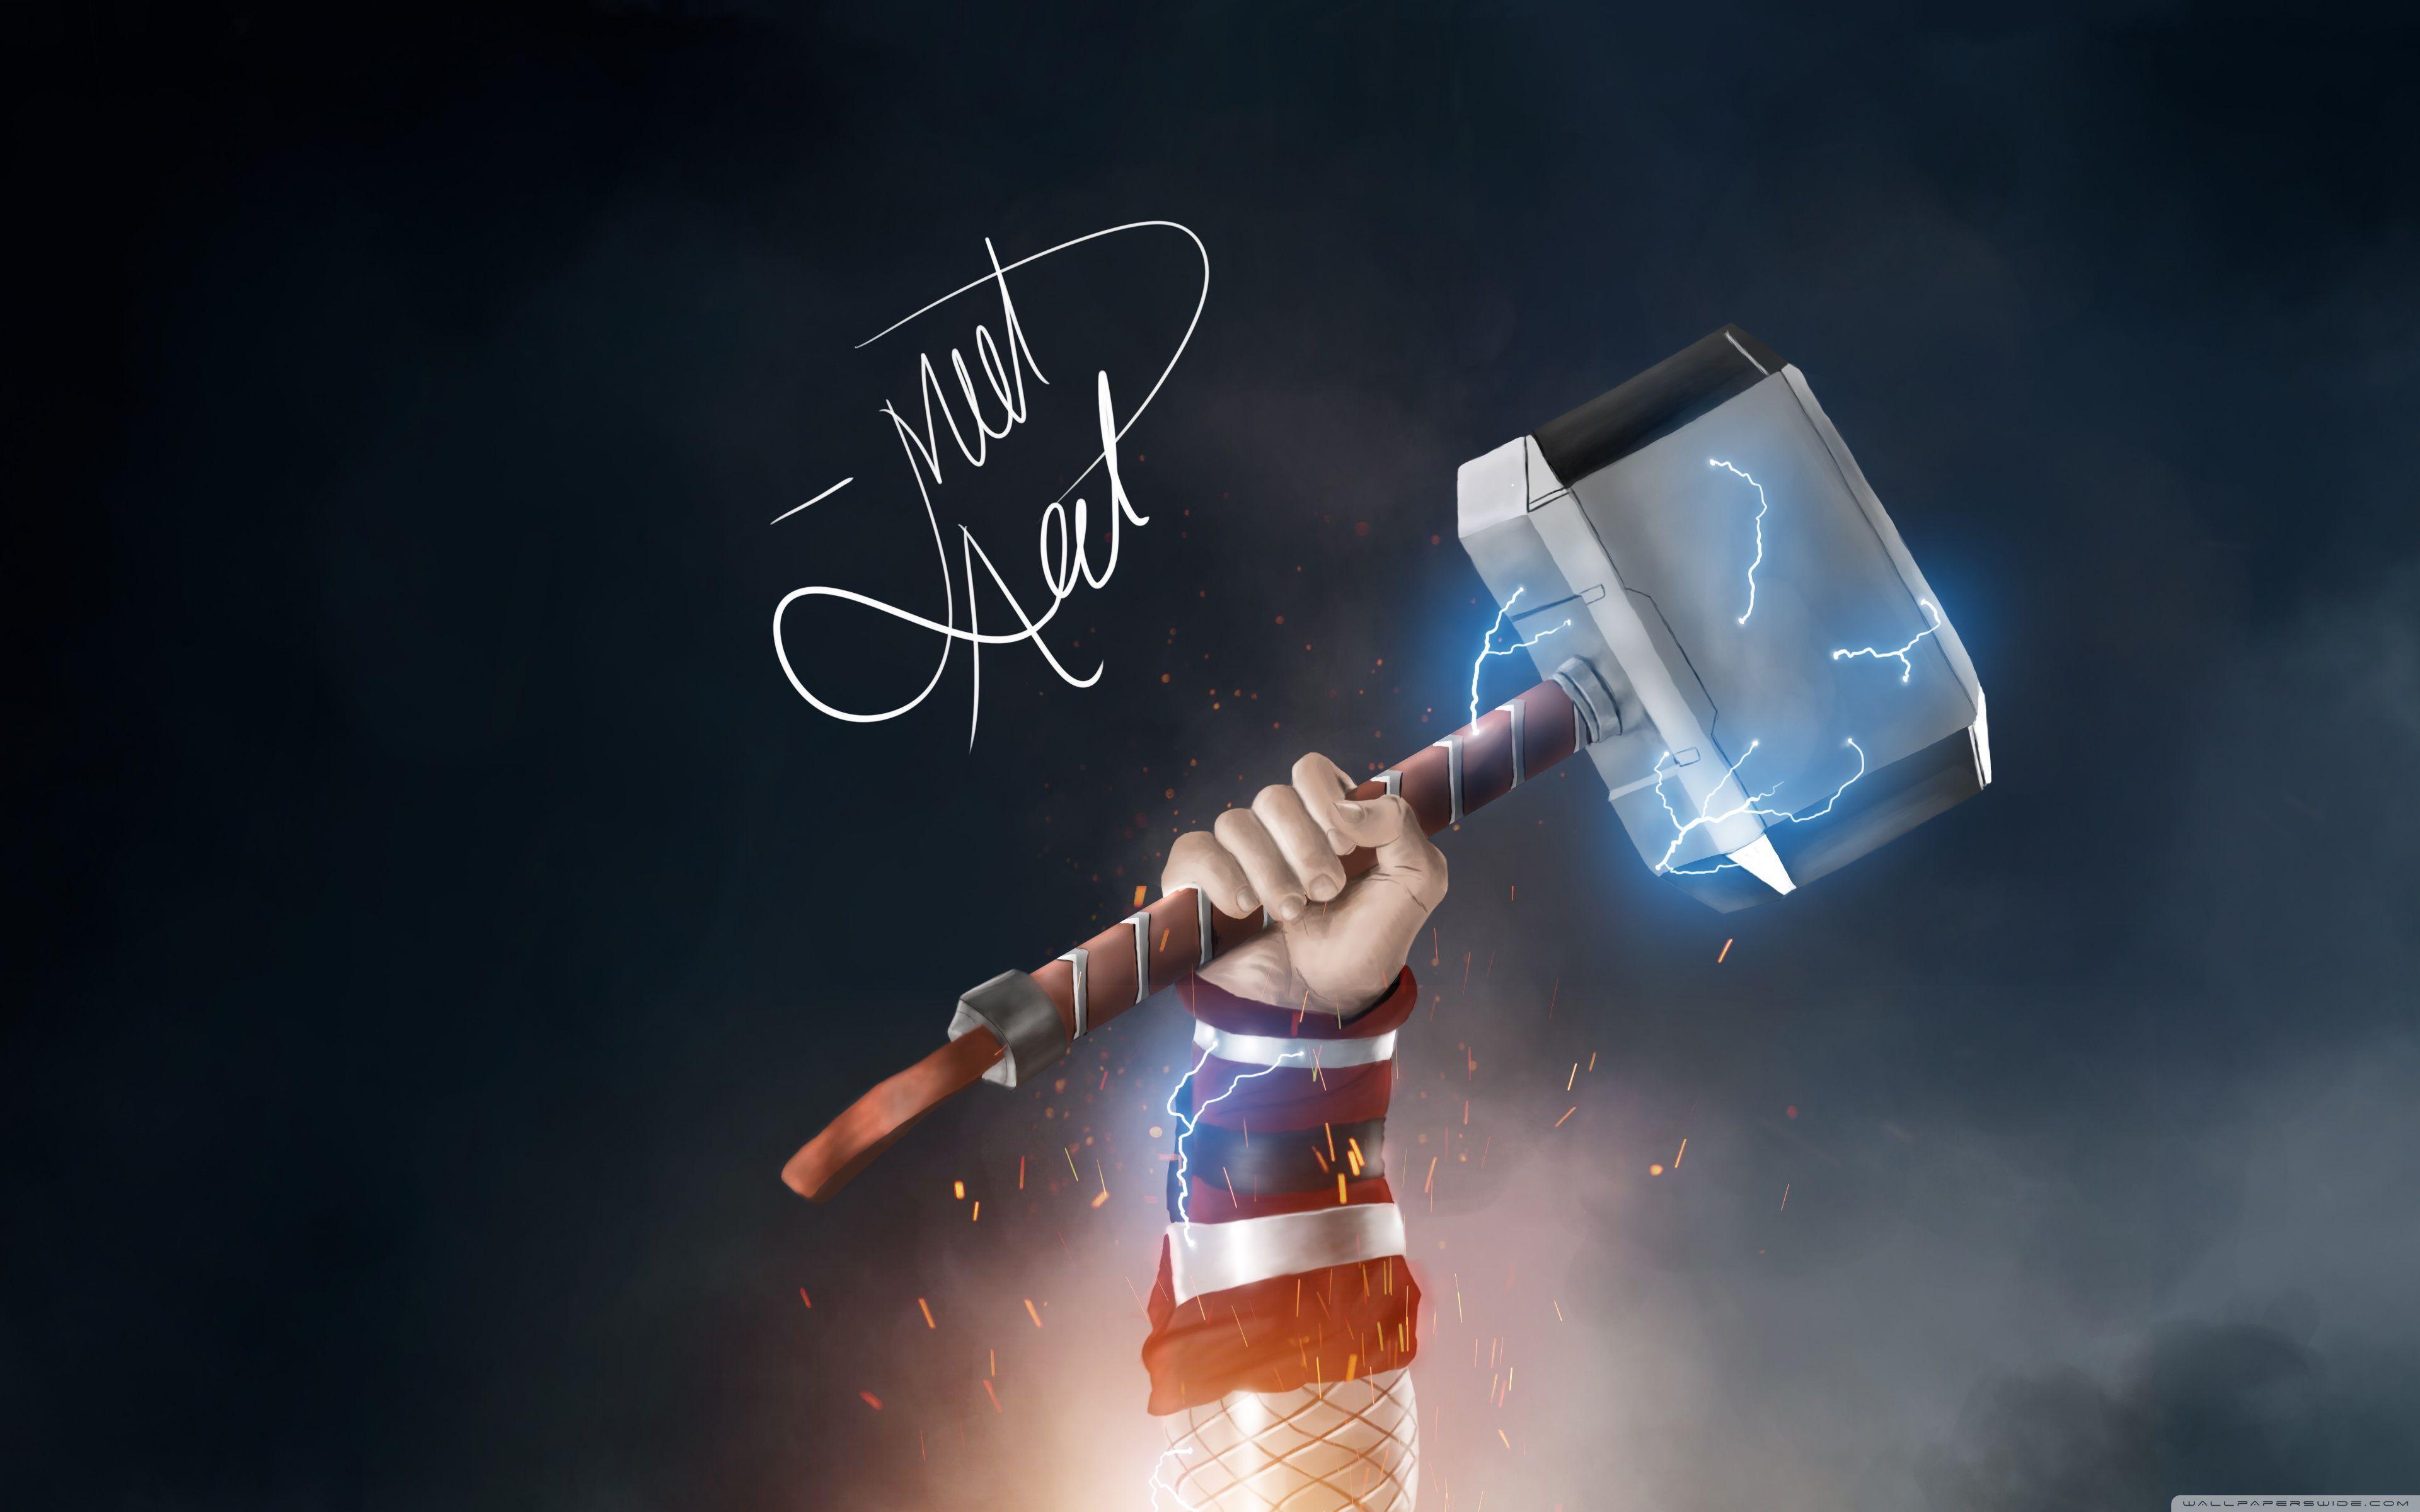 Thor Mjolnir 4k Wallpapers Top Free Thor Mjolnir 4k Backgrounds